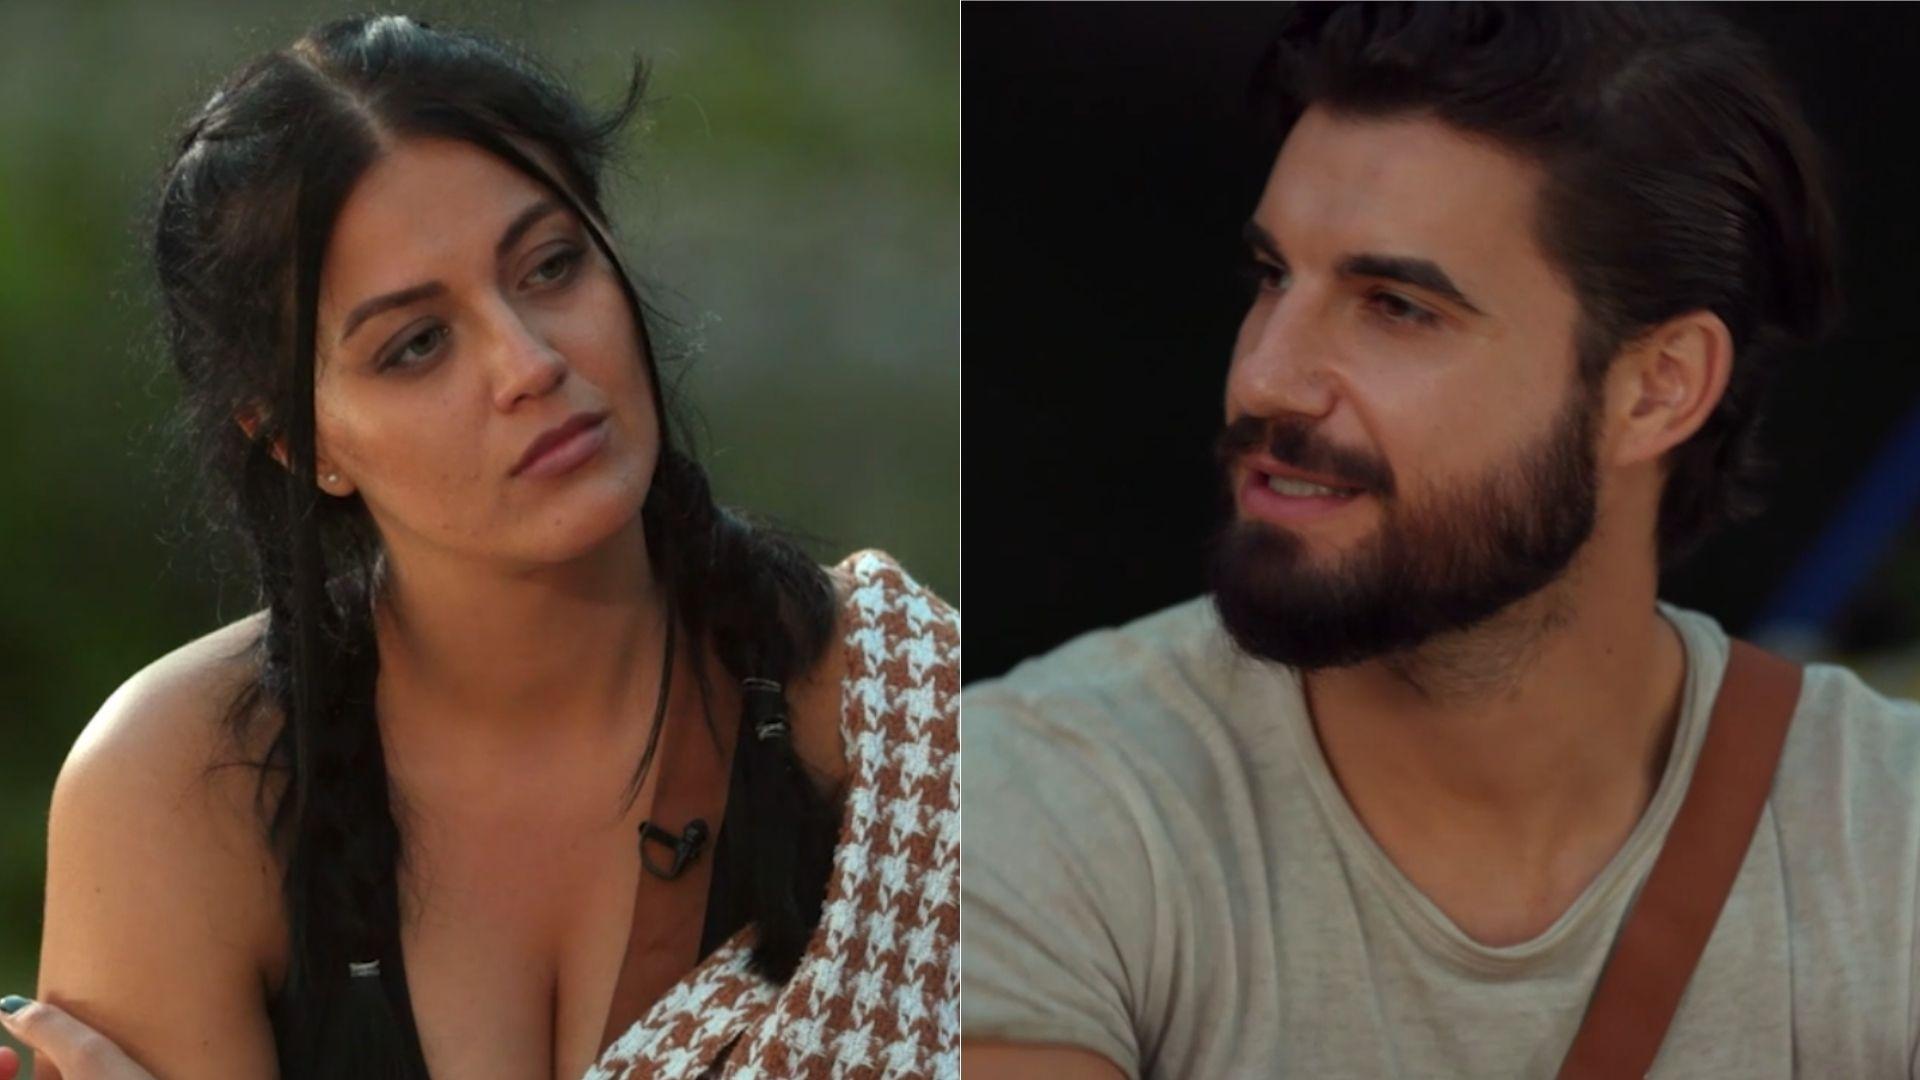 Burlacul 3 iunie 2021. Simona Bălăceanu i-a cerut lui Andi Constantin să poarte o discuție între patru ochi